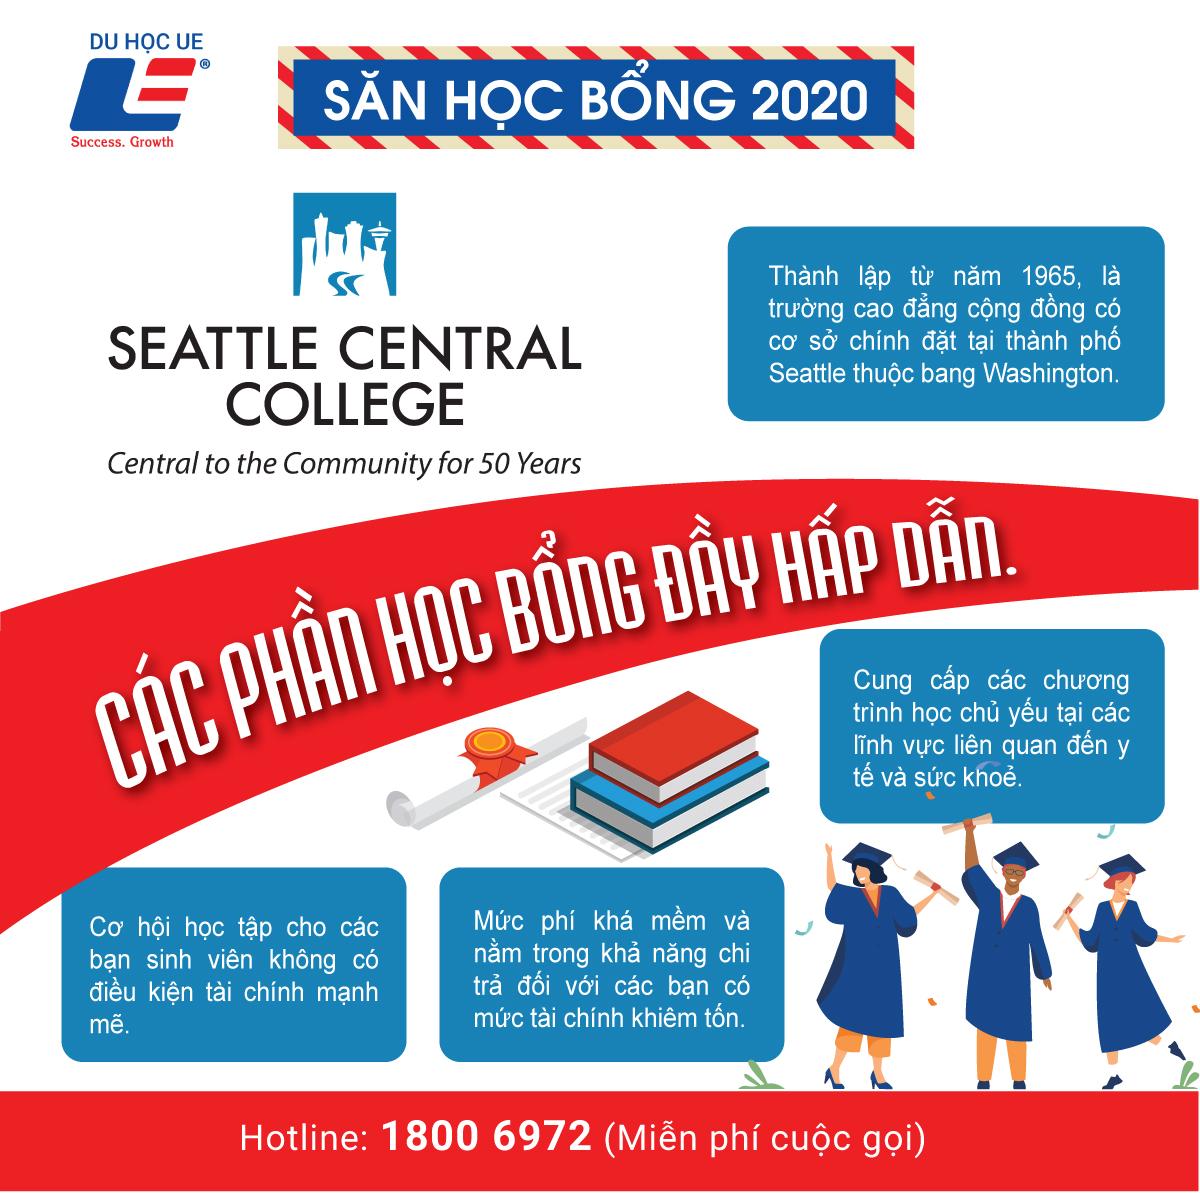 Cơ hội du học với điều kiện tài chính tầm trung tại Seattle Central College